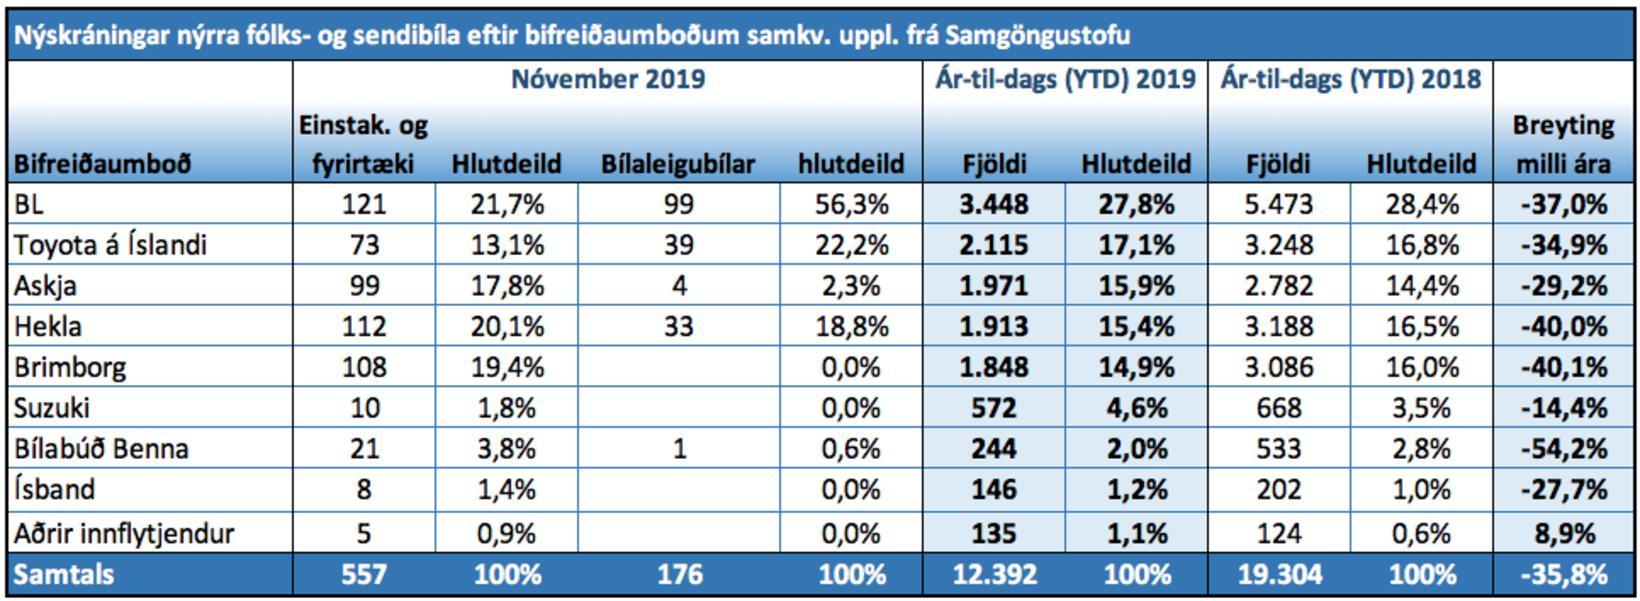 Nýskráningar nýrra fólks- og sendibíla eftir bifreiðaumboðum.